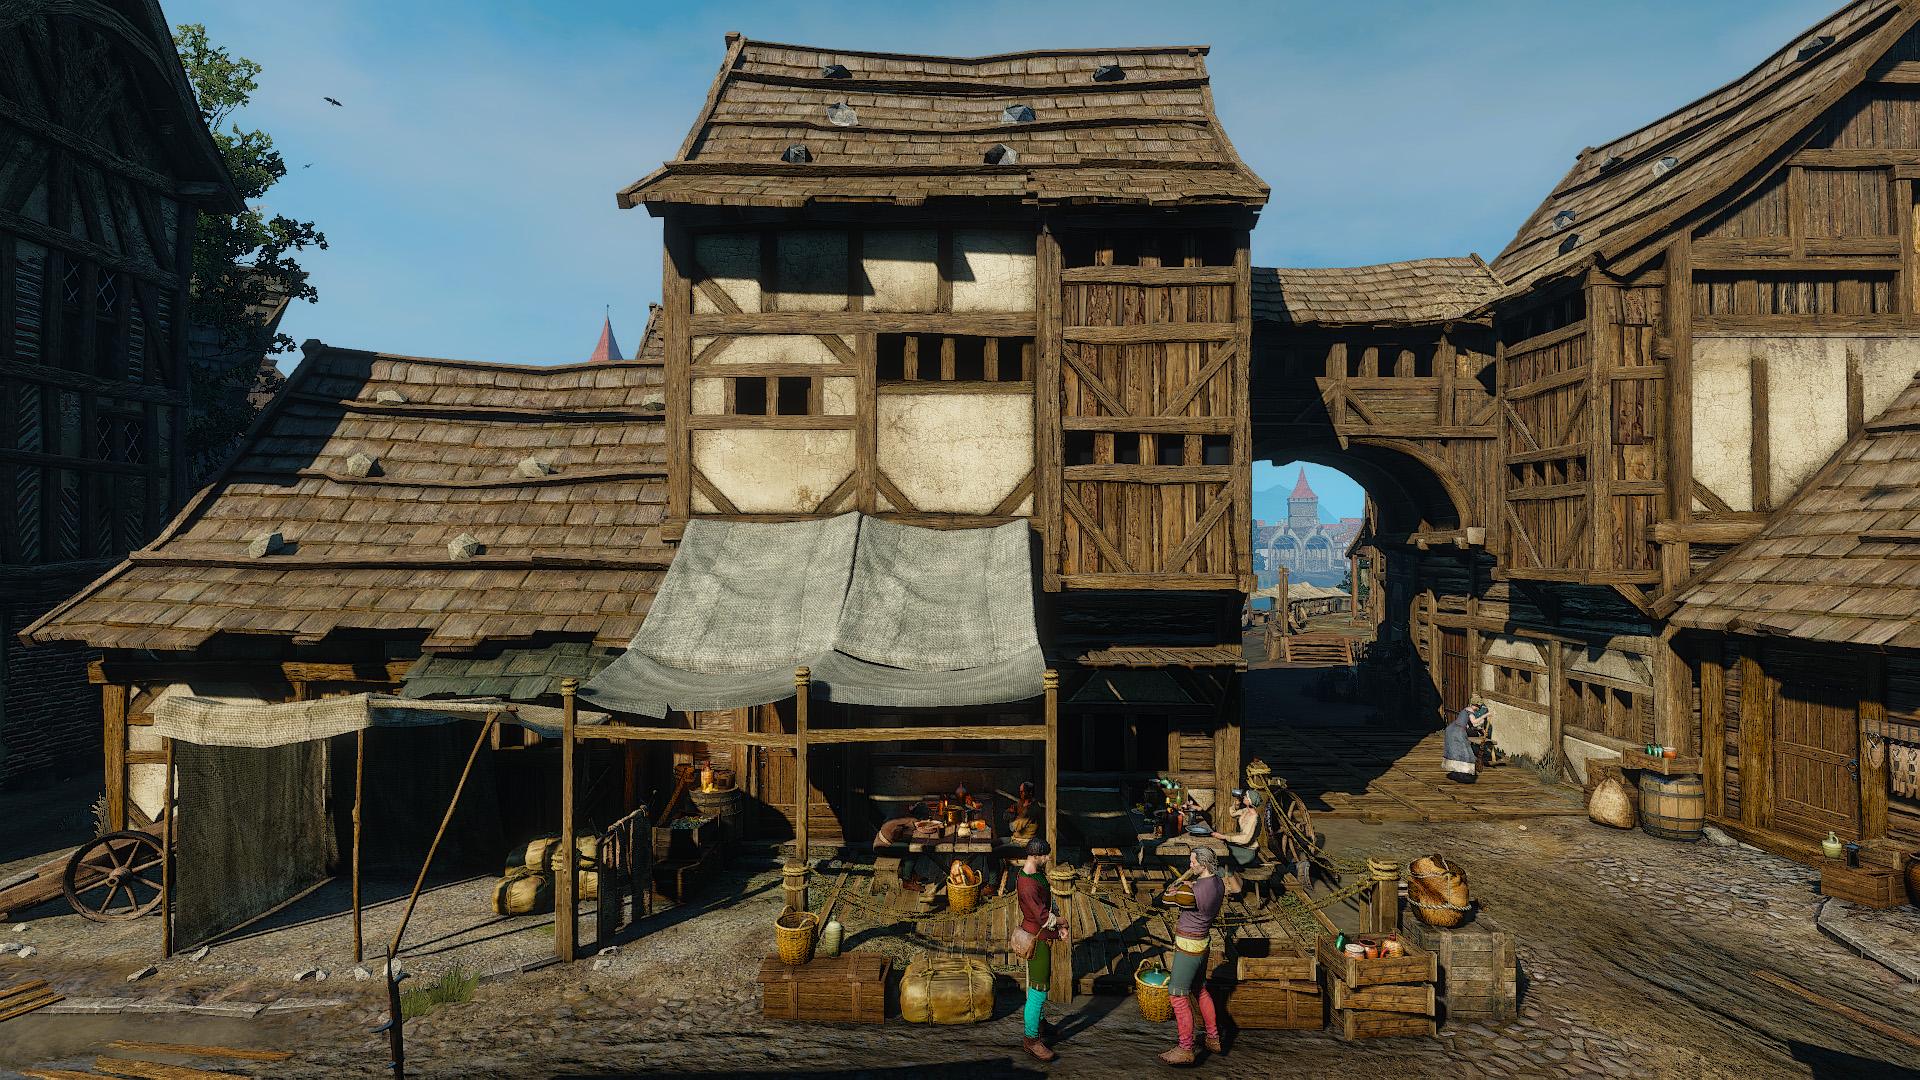 Hattori's home